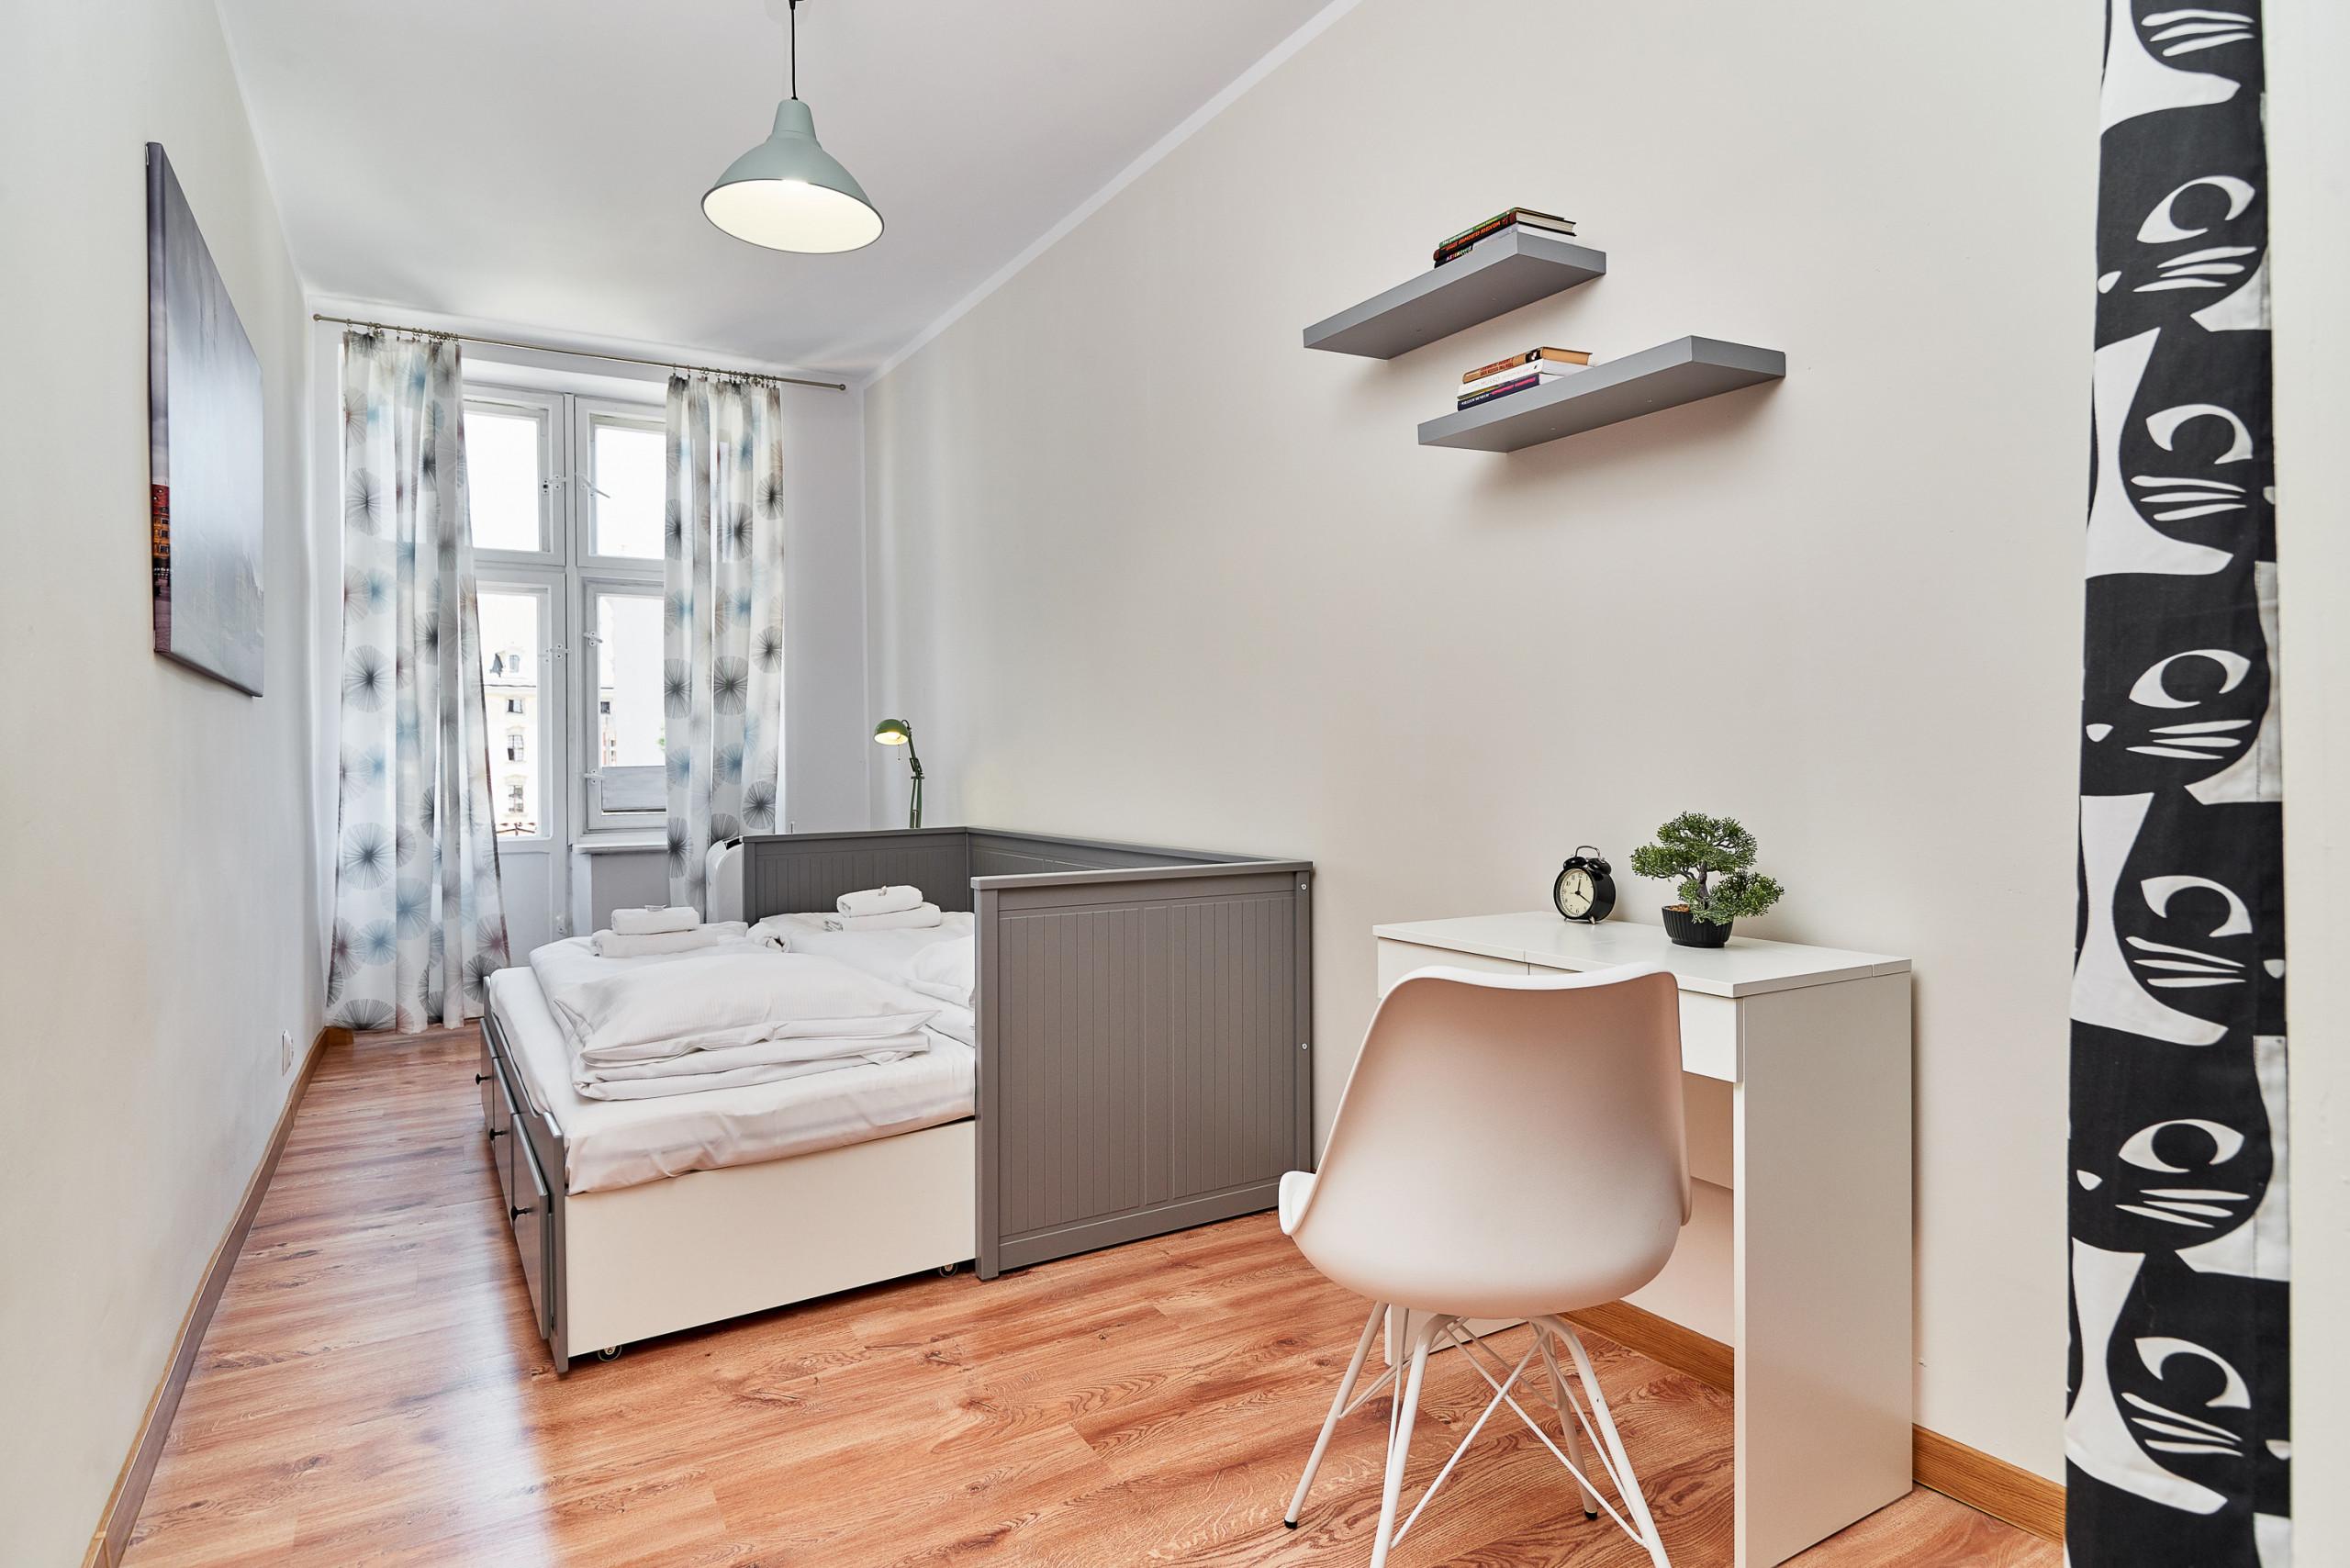 Full Size of Wohnung Wizienna 16 8 Im Breslau Gardinen Schlafzimmer Liegestuhl Garten Kommoden Wandleuchte Mit überbau Schaukelstuhl Komplett Günstig Günstige Schlafzimmer Stuhl Für Schlafzimmer